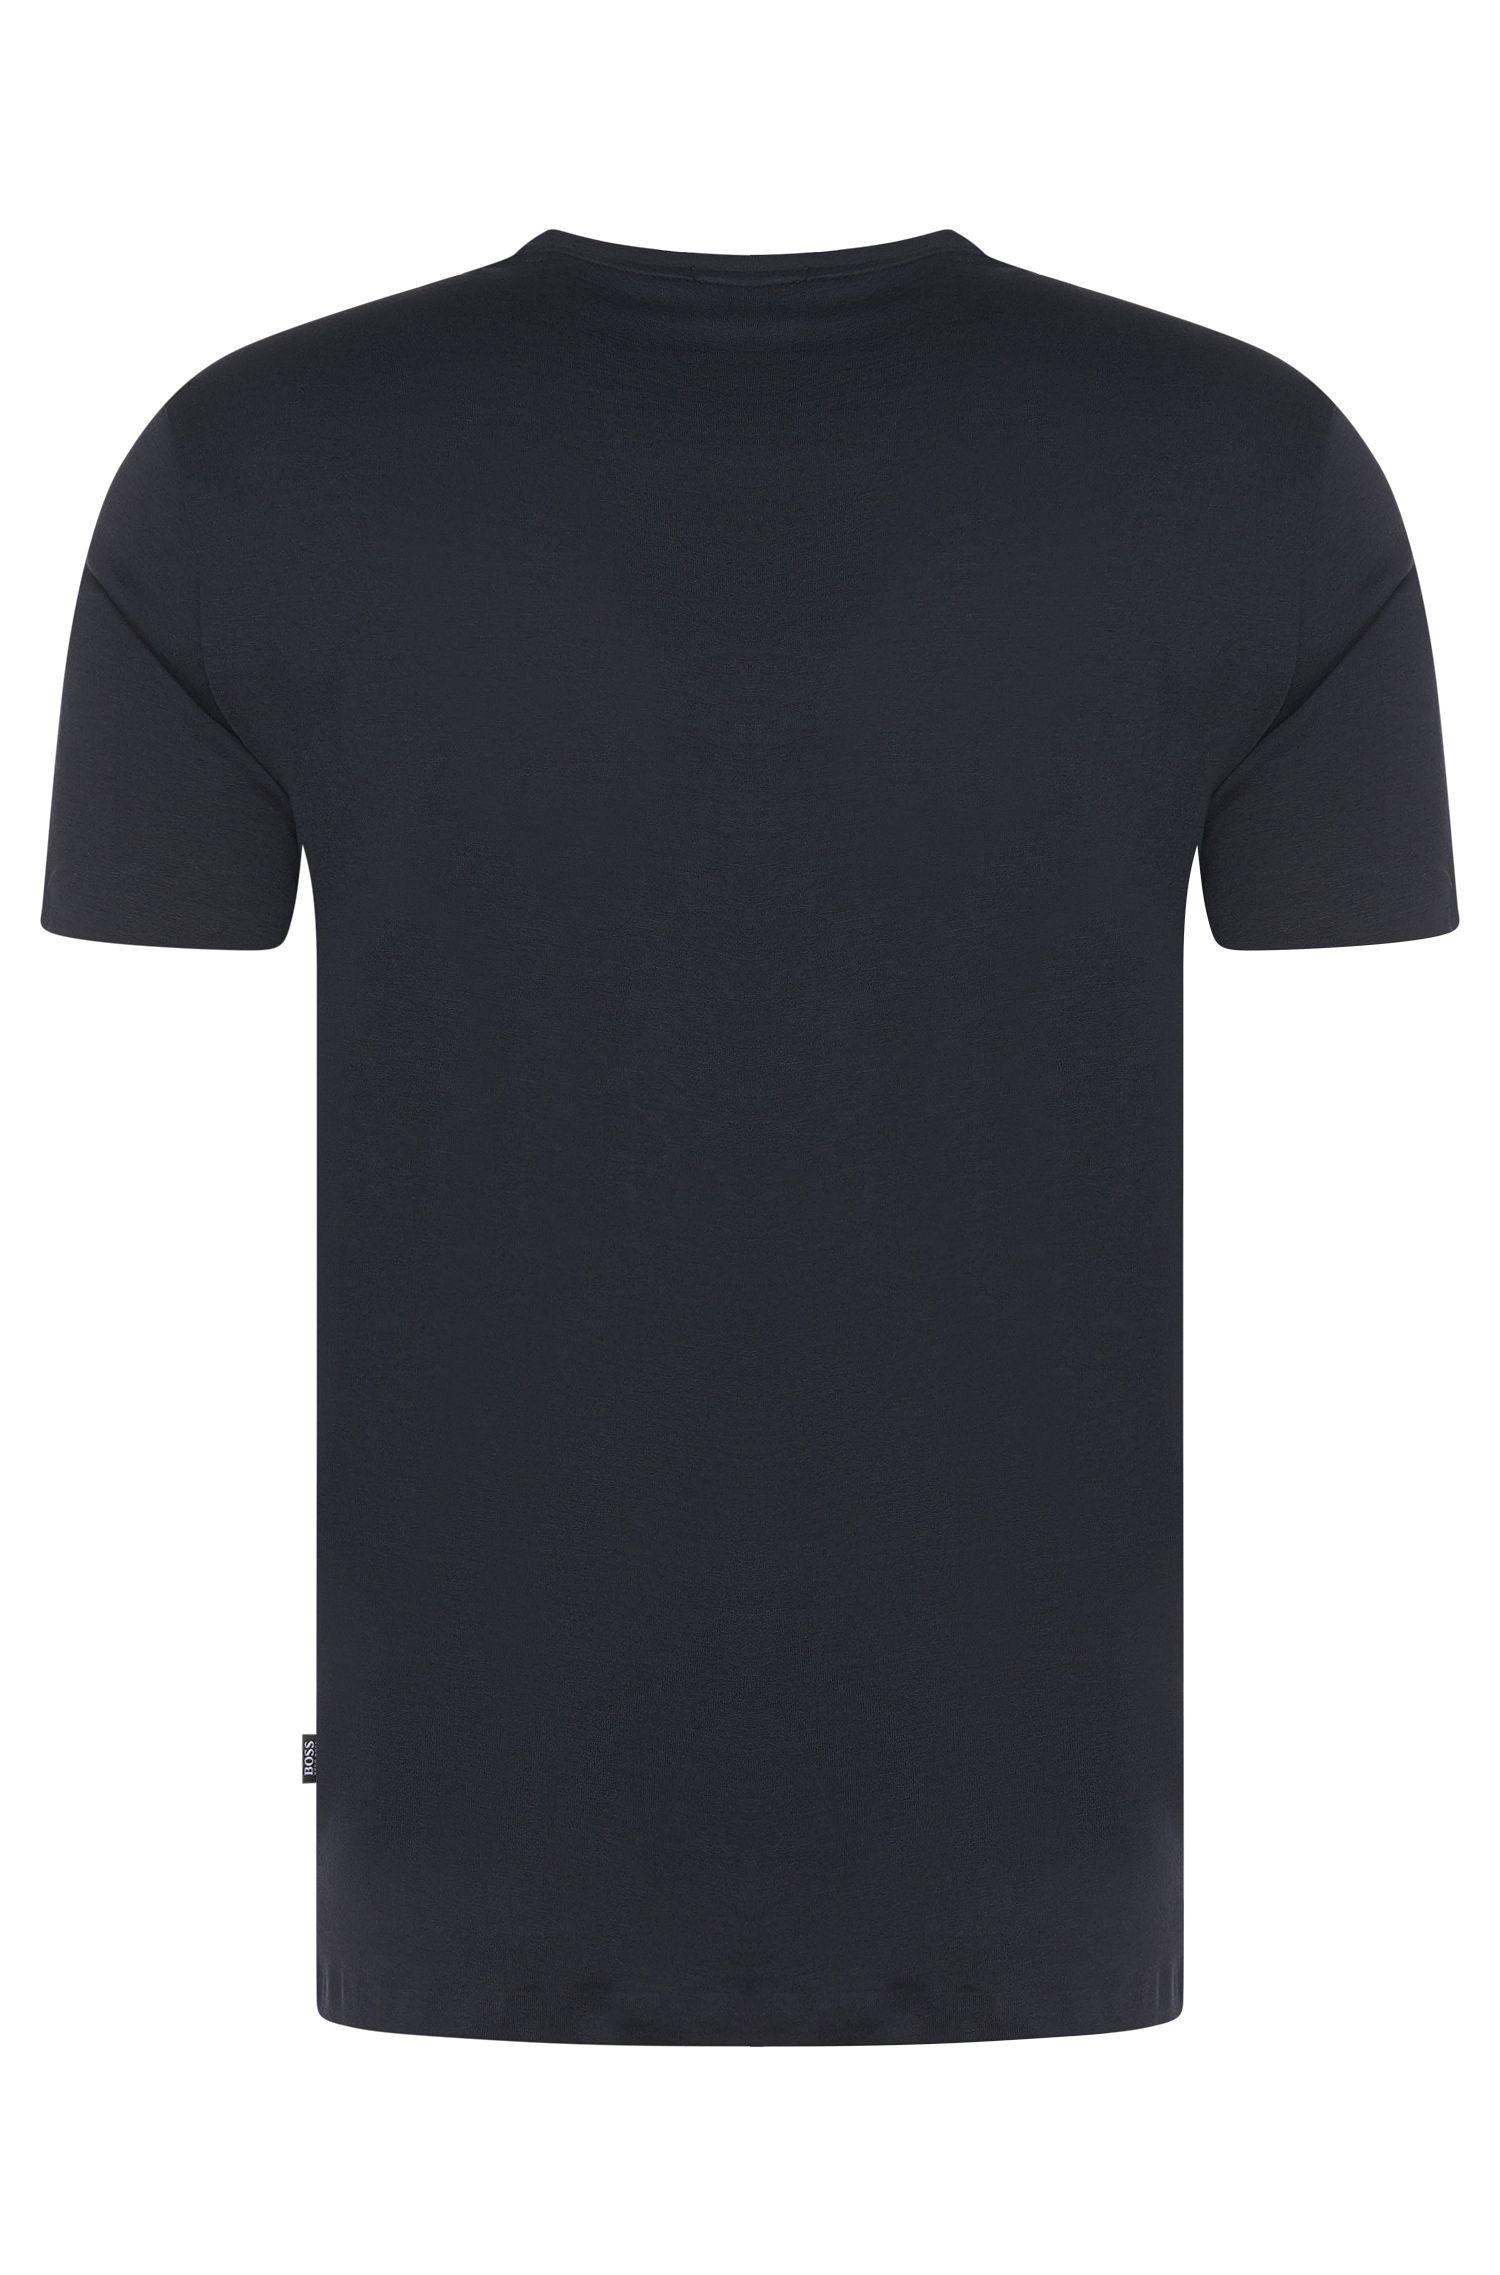 Regular-Fit T-Shirt aus Baumwoll-Mix mit aufgesetzter Tasche: 'Tiburt 15'